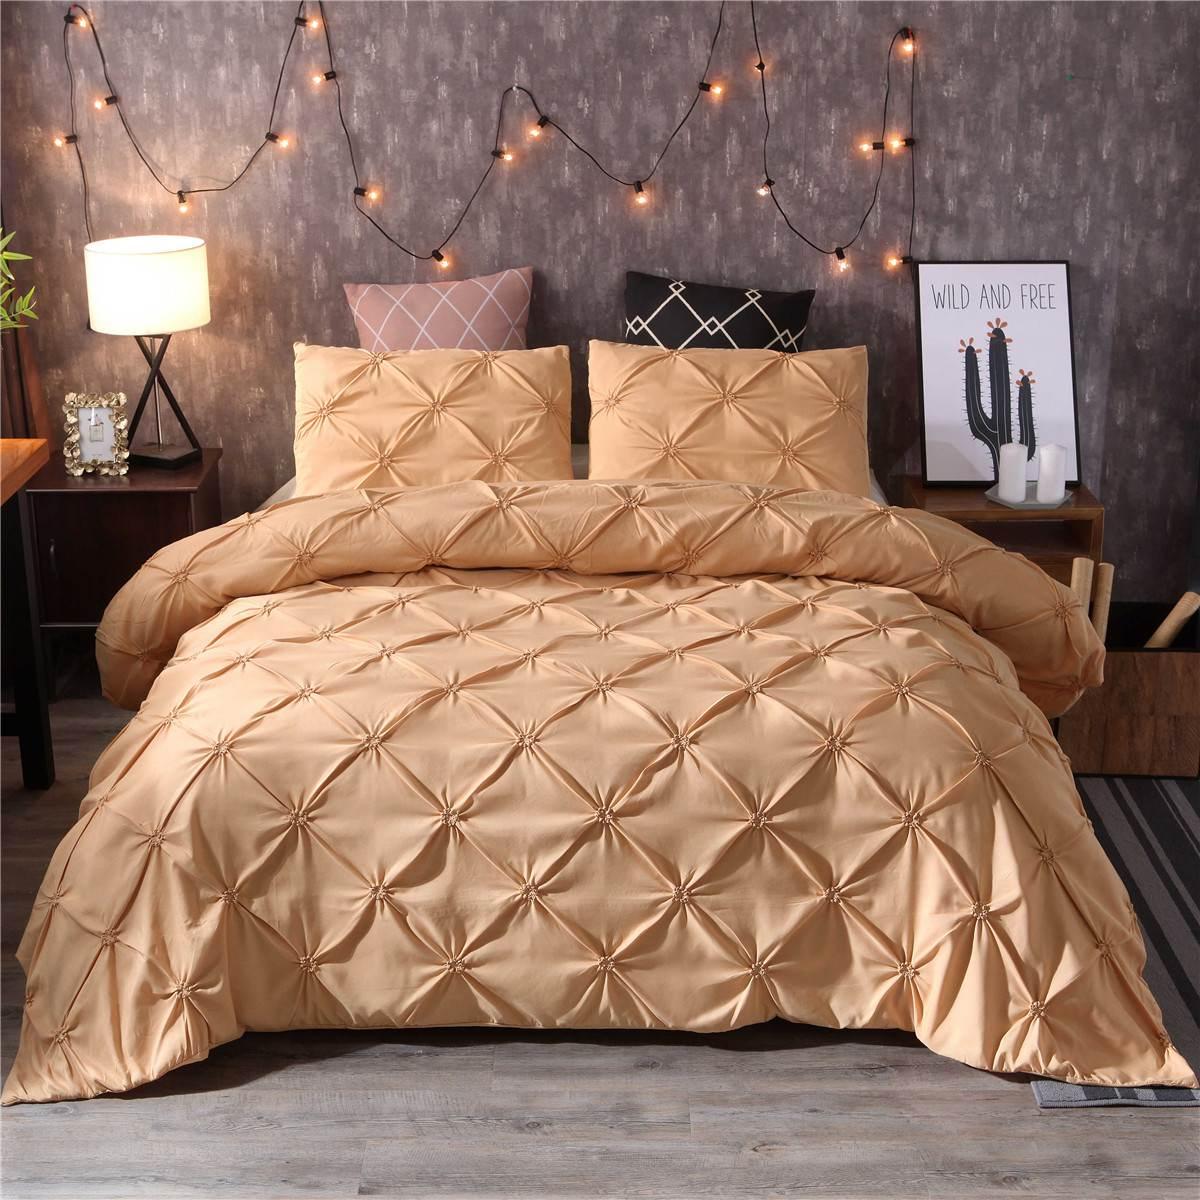 NEW Bedding Set of Duvet Cover Bed Sheet Pillowcases Single Double Full Queen King Size Duvet